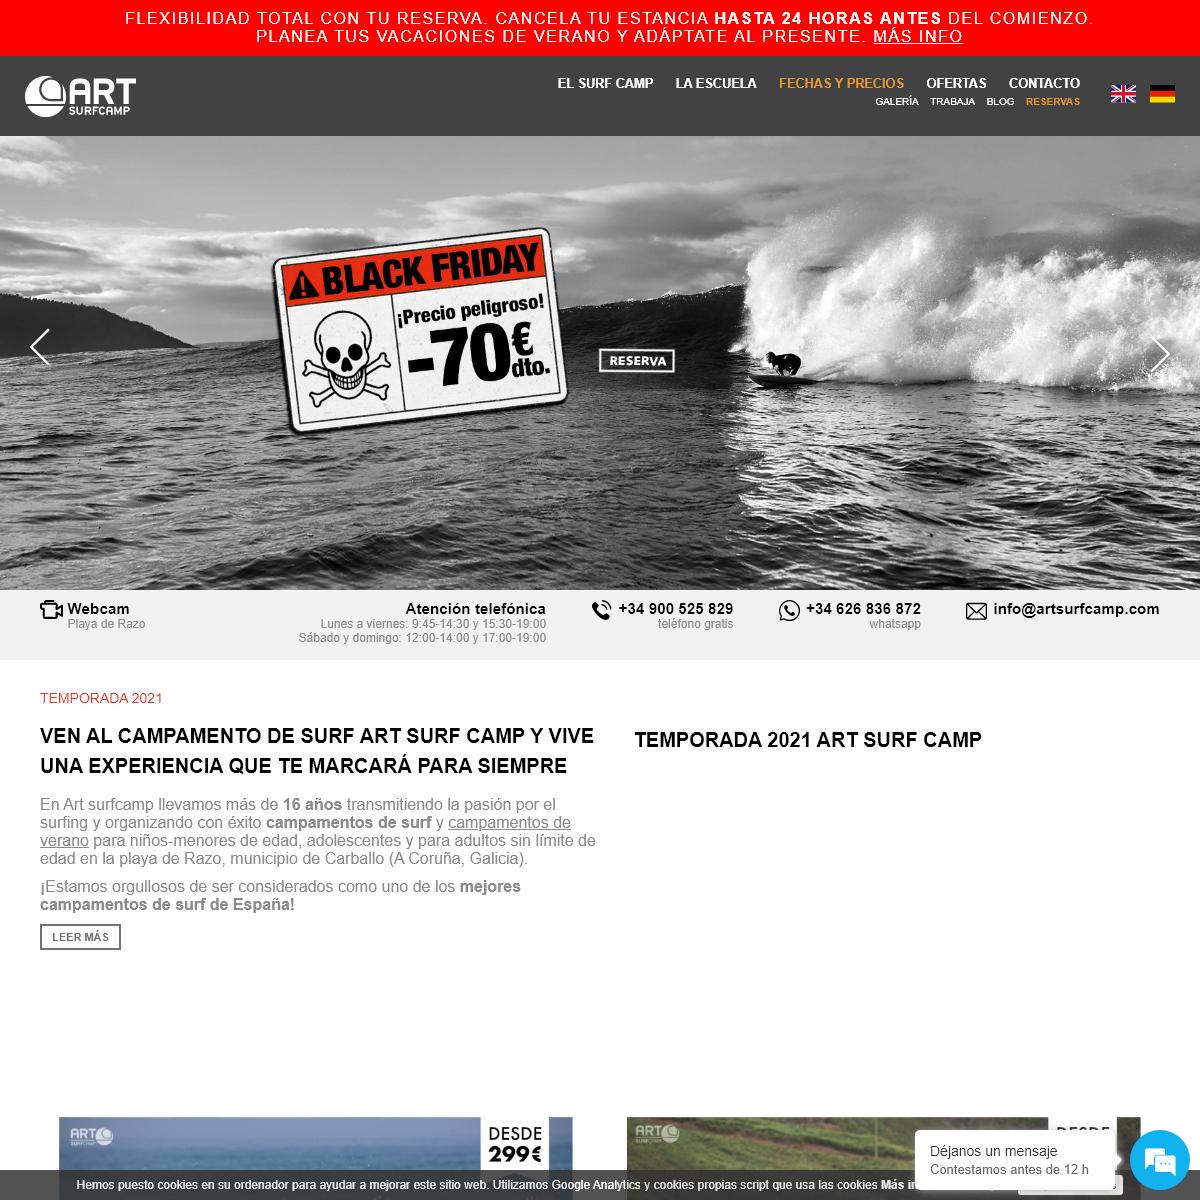 Surf Camps - Campamentos De Surf - A Coruña, Galicia, Surfcamp Verano 2021